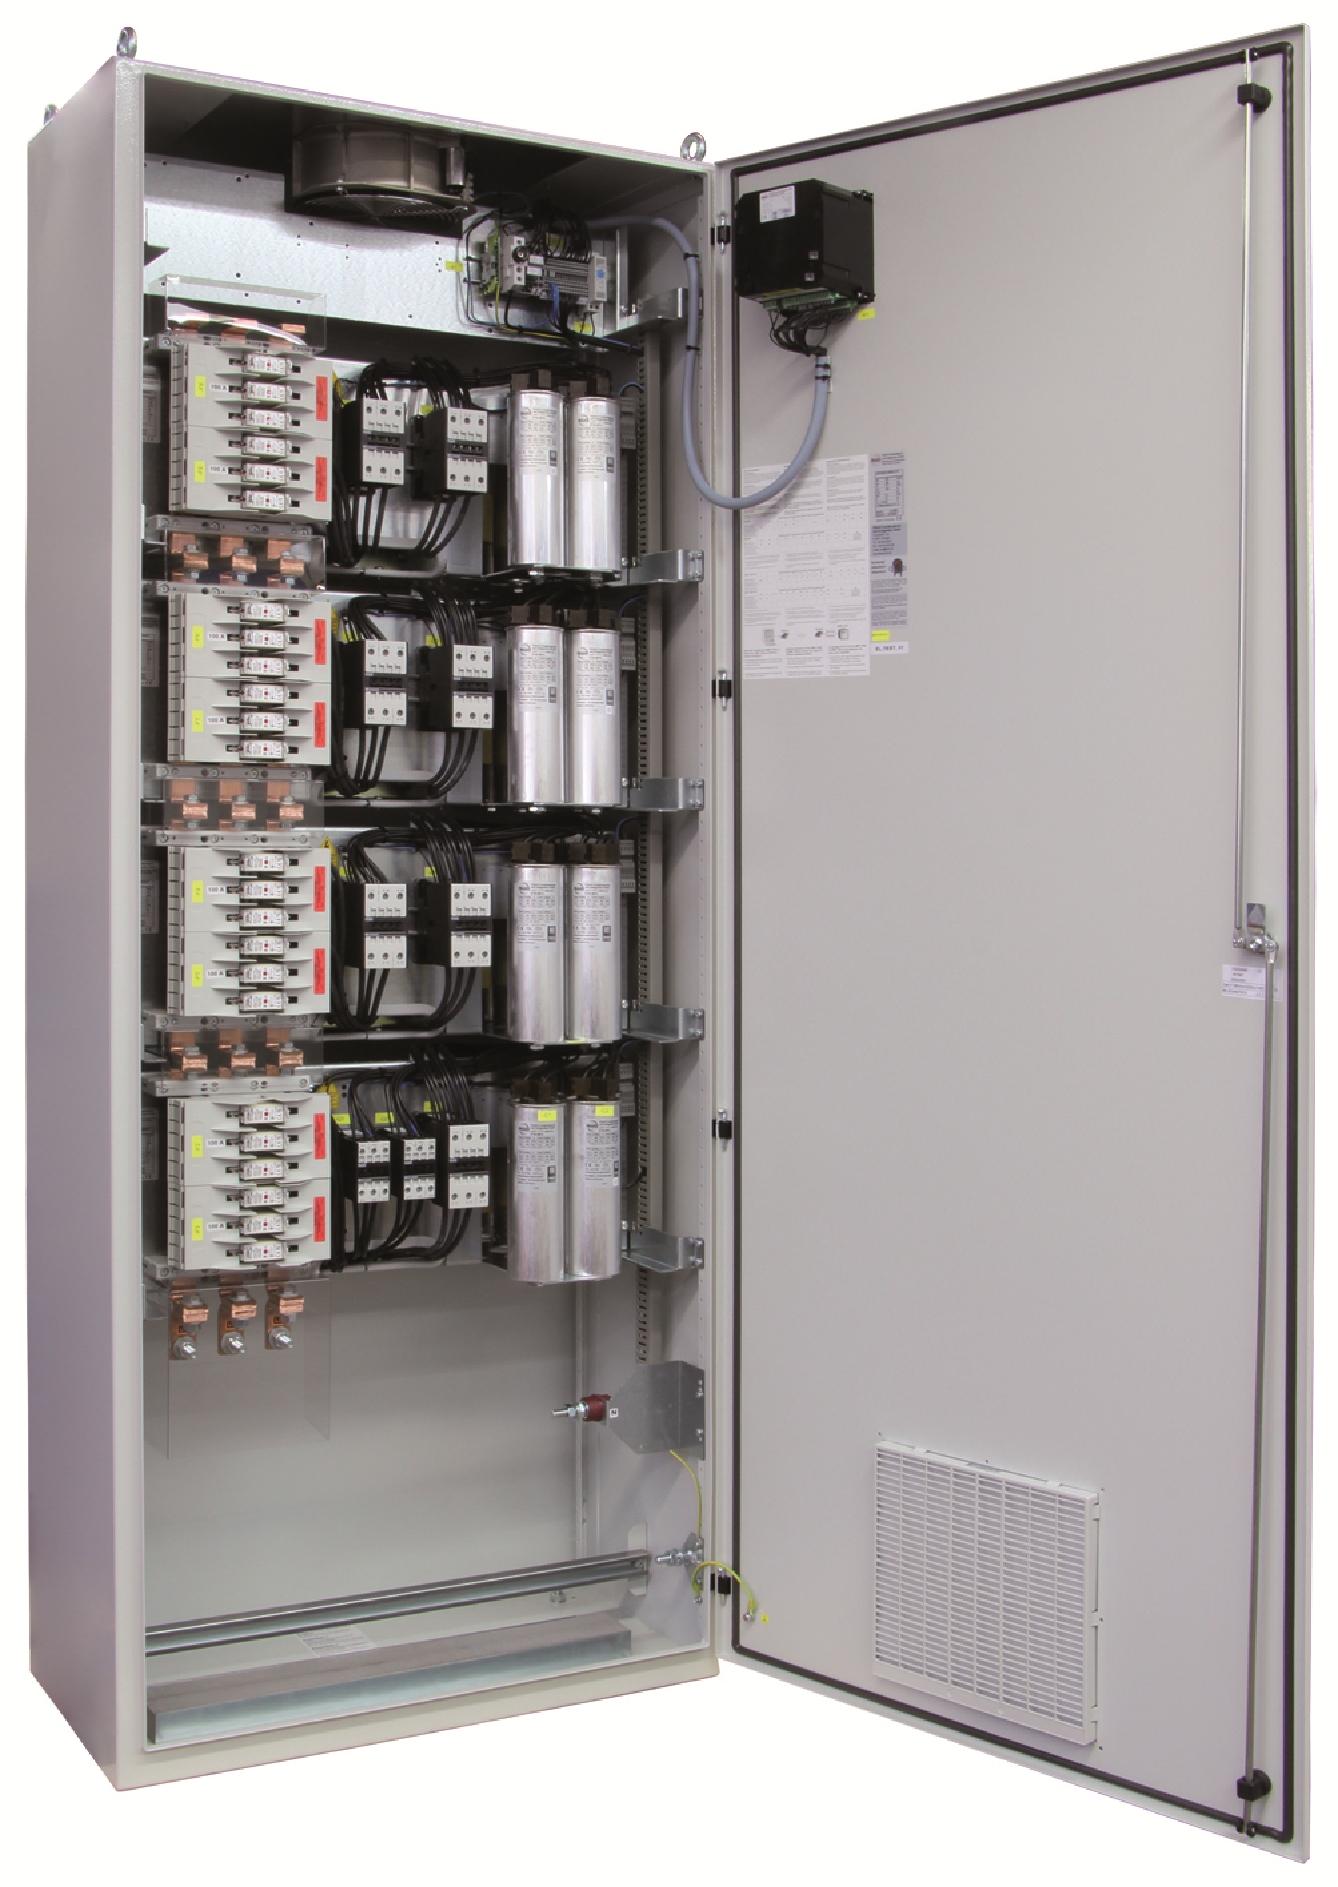 1 Stk Kompensation LSFC 14% 100/12,5kvar 800x2110x500mm FR3422629-